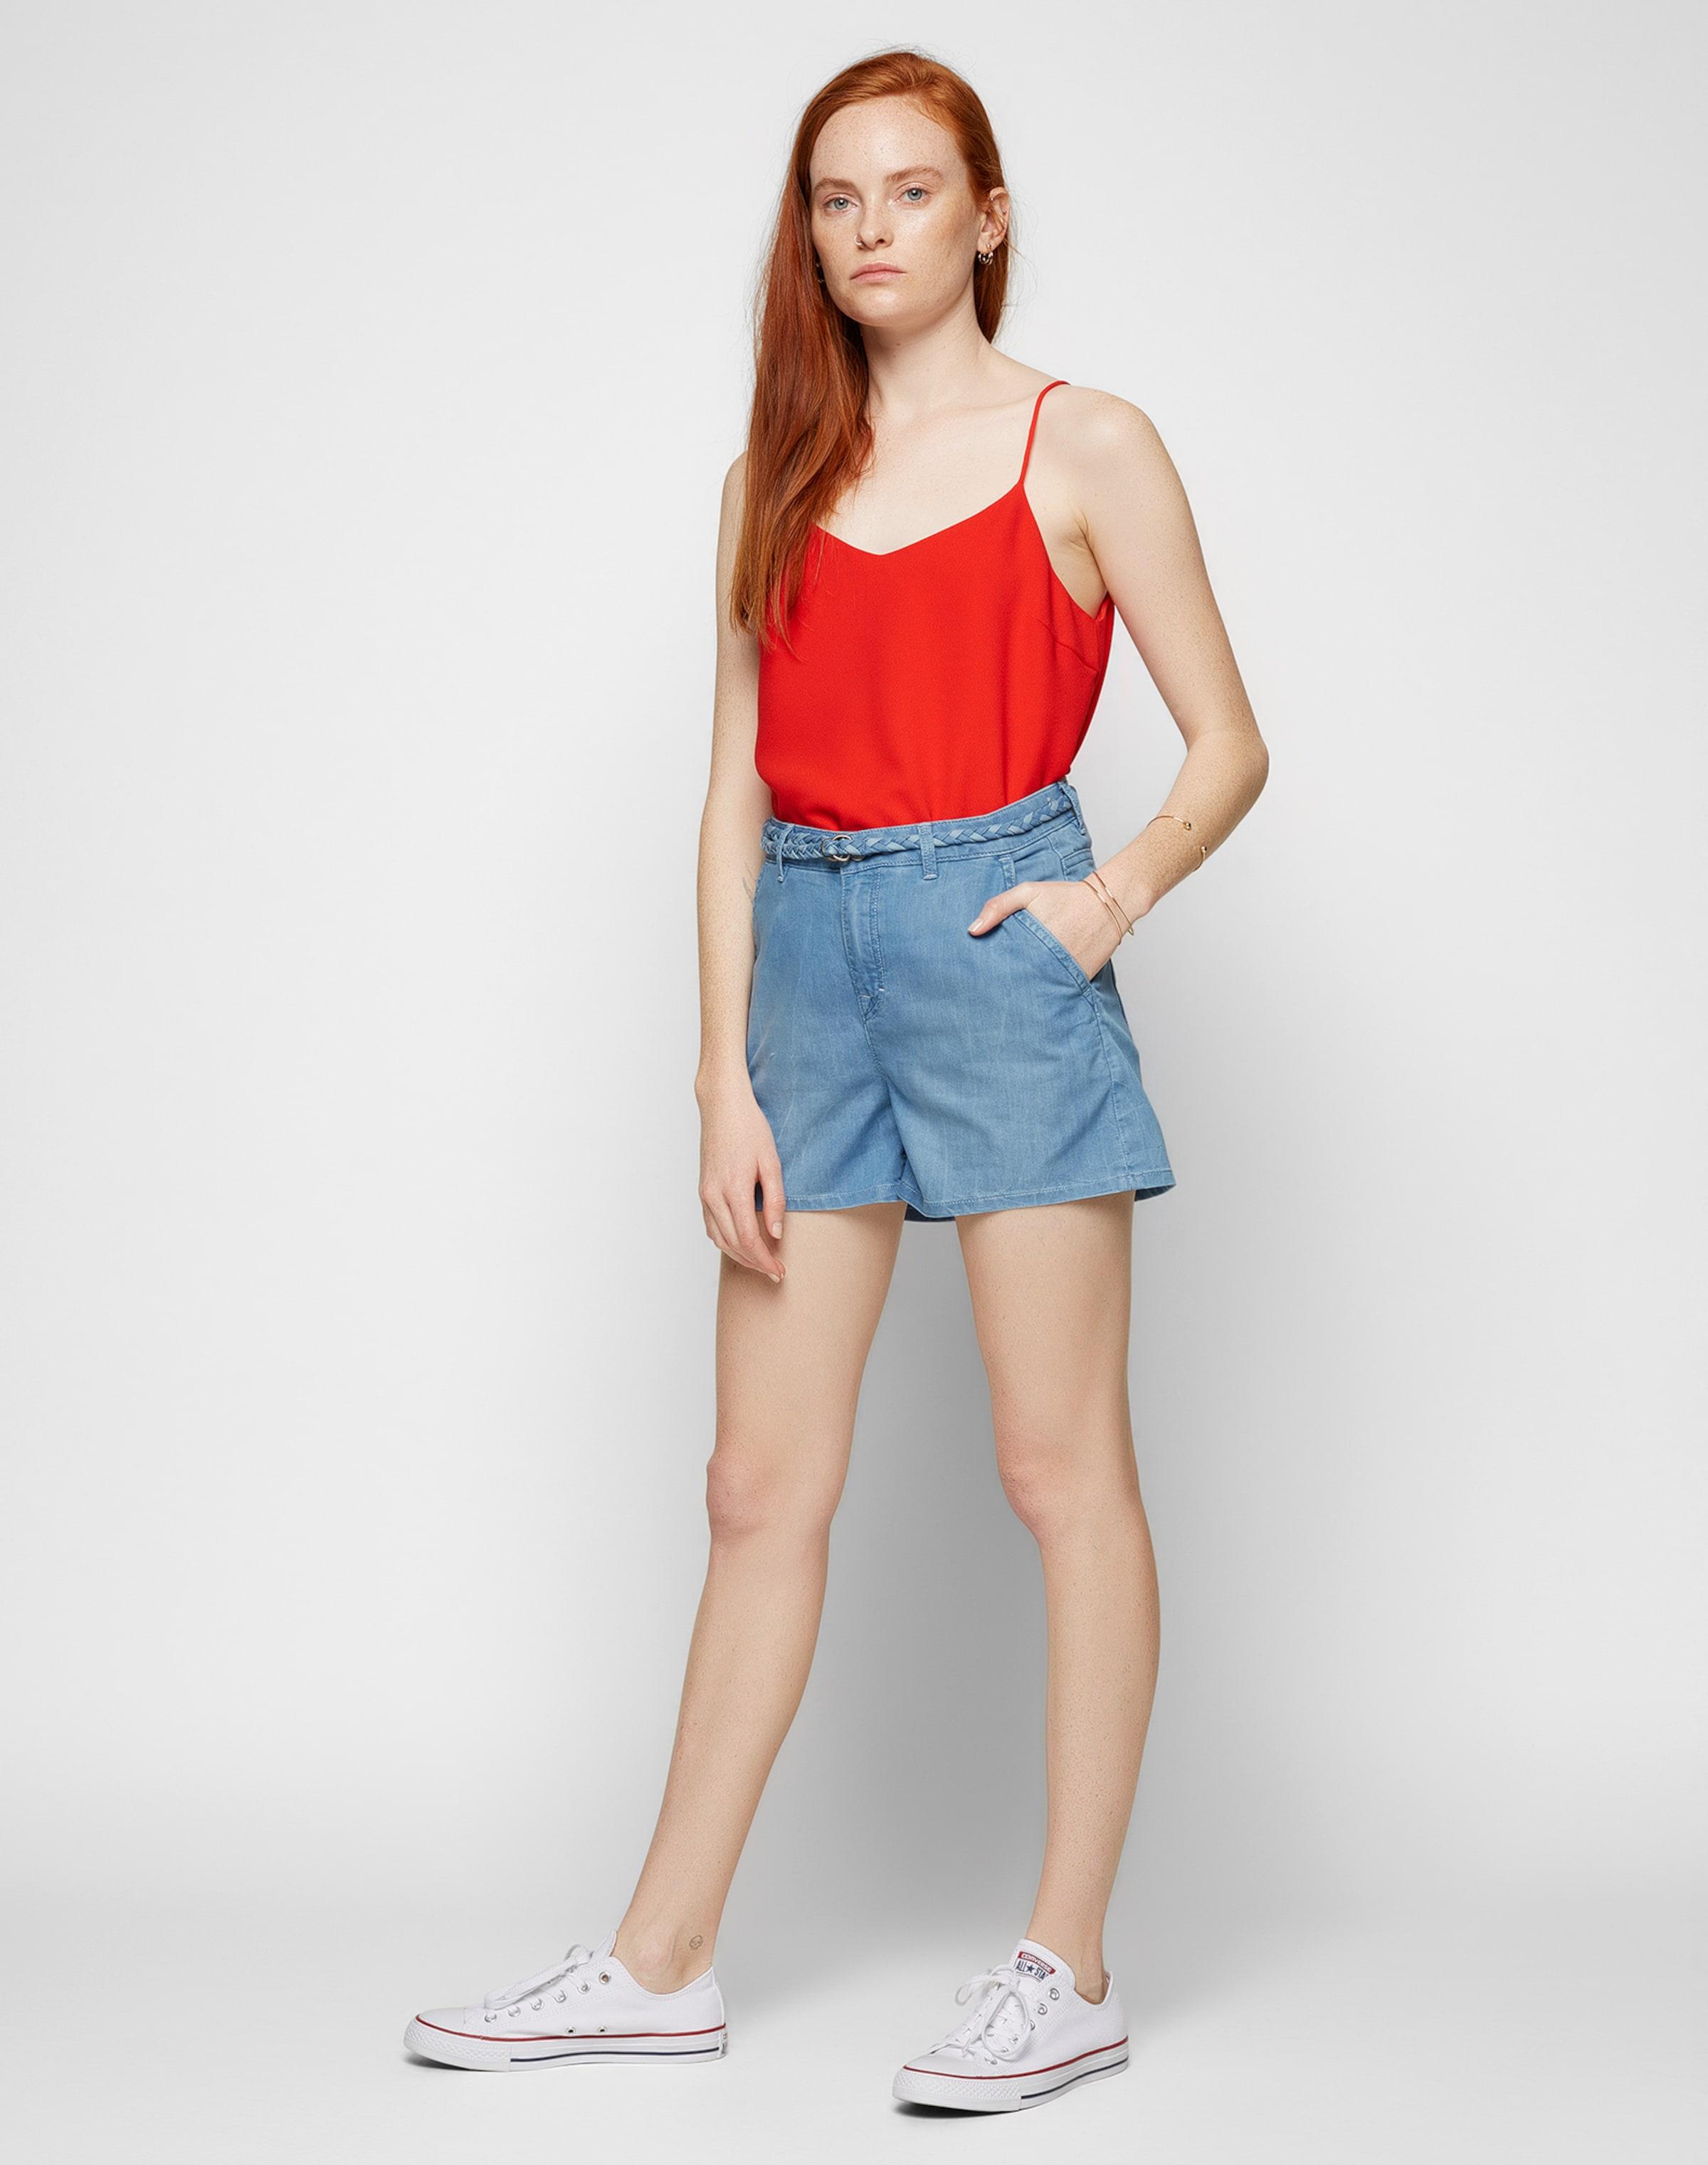 Günstig Kaufen Erschwinglich Erhalten Verkauf Online Kaufen EDC BY ESPRIT 'Denim shorts' Jeans Top Qualität Große Diskont Günstig Online UJL1B9UUl1